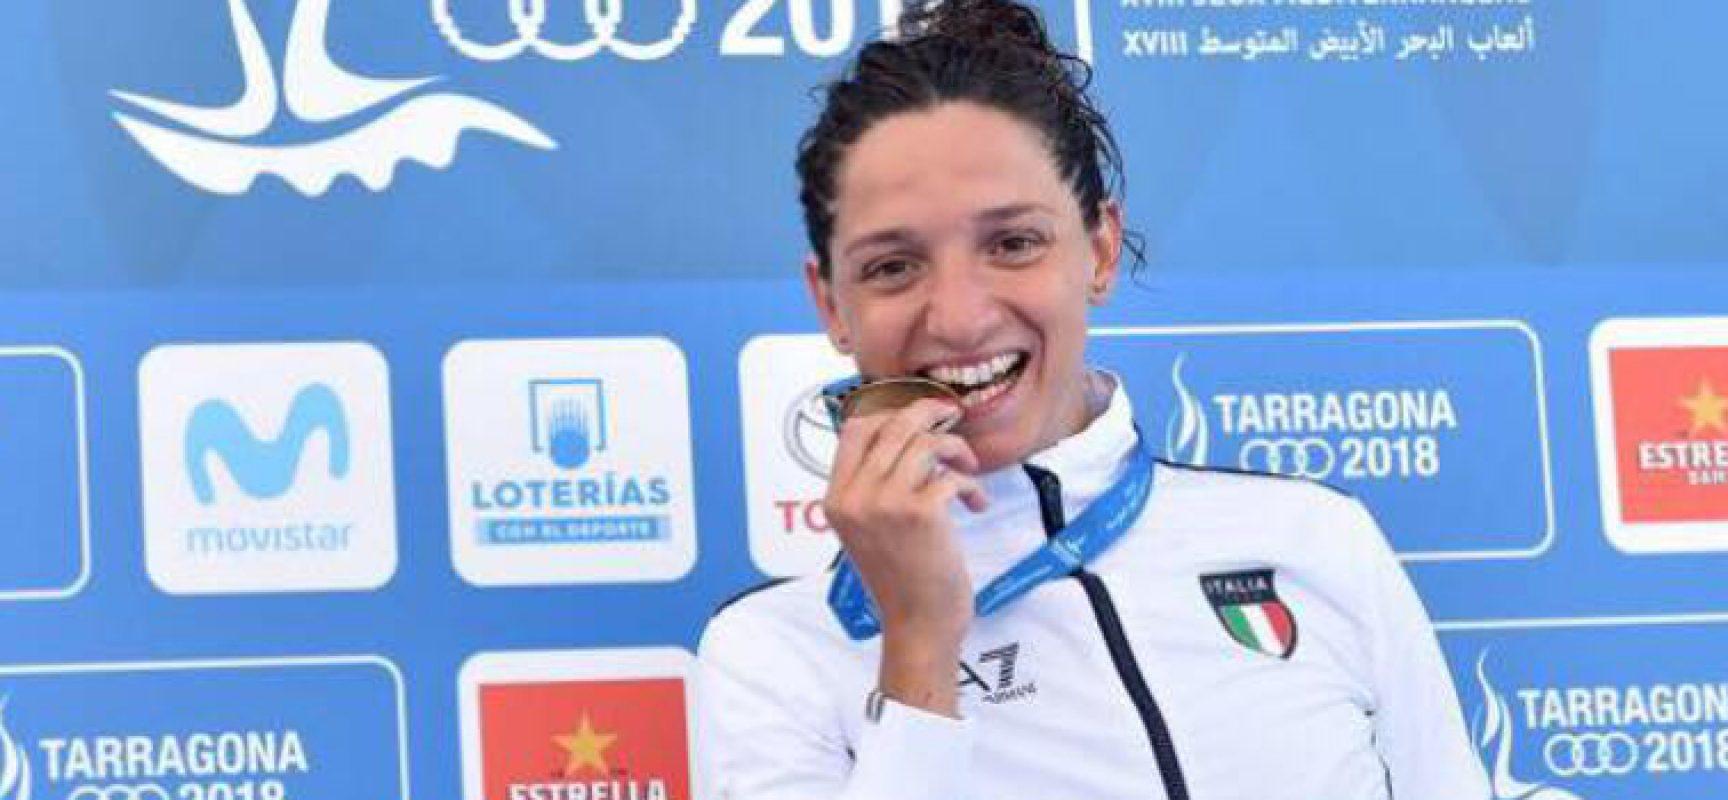 Assoluti nuoto, Elena Di Liddo bronzo nei 50 farfalla e punta le Olimpiadi di Tokyo